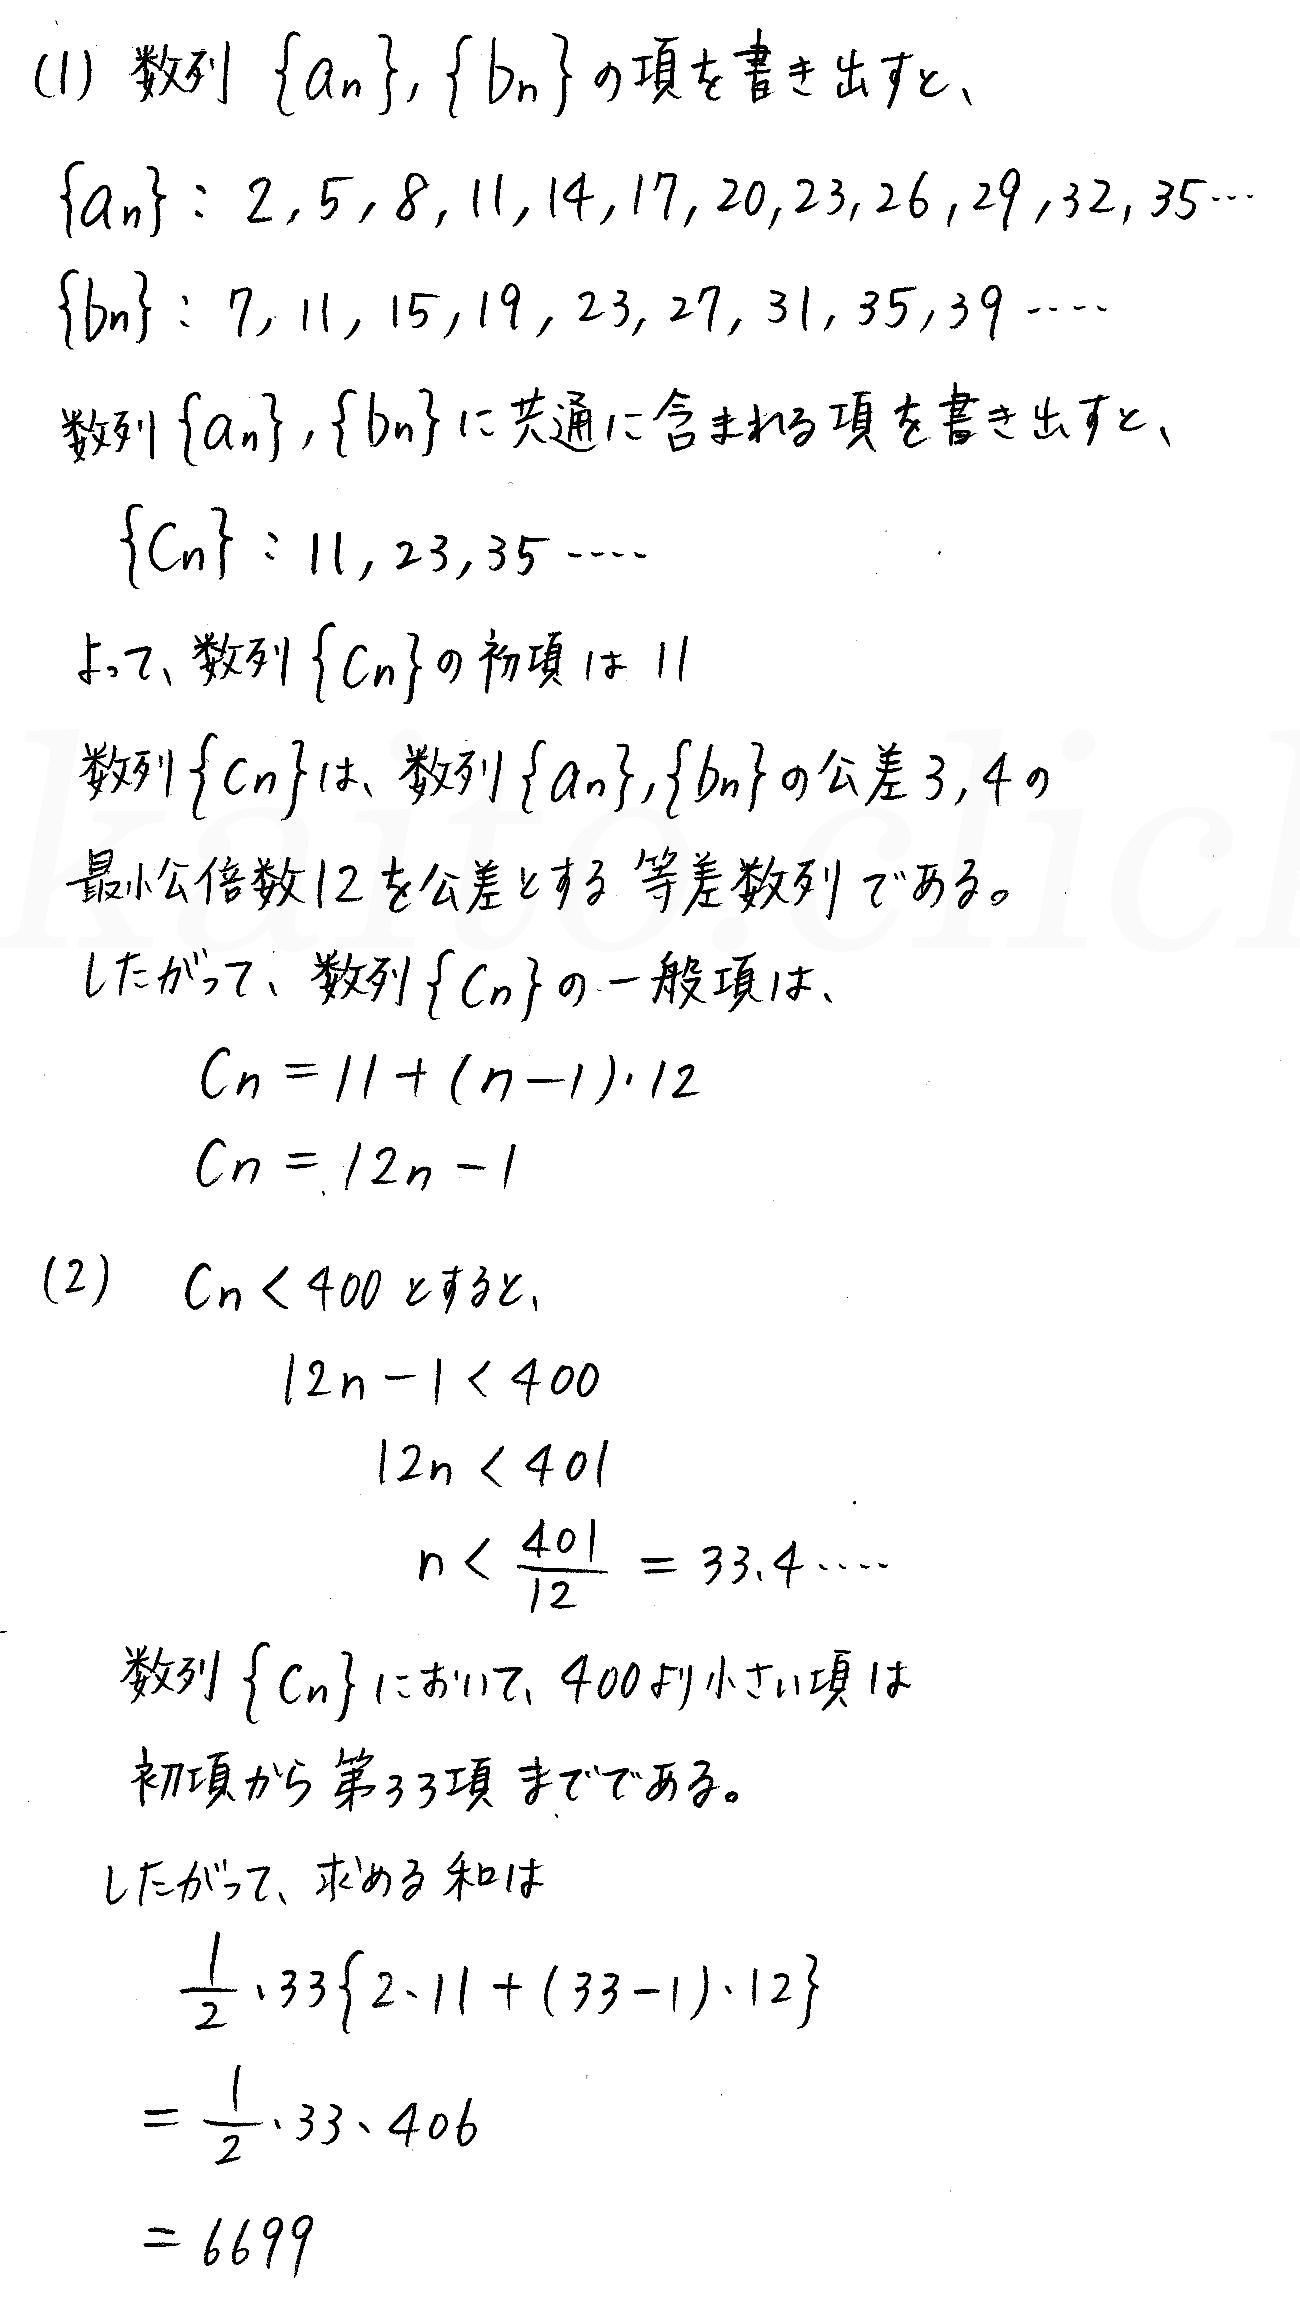 クリアー数学B-243解答